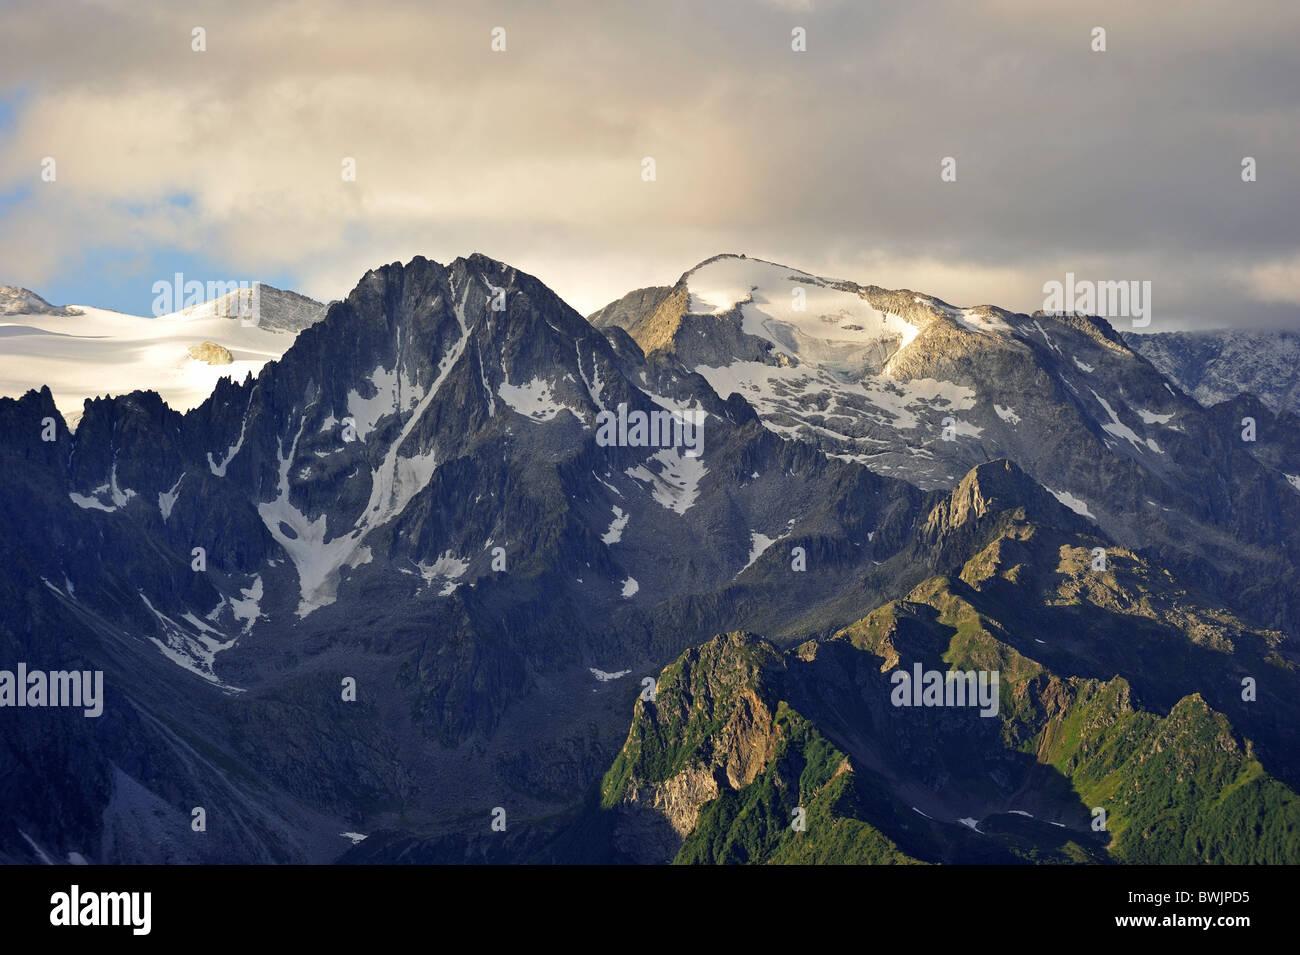 Vista in alba sulle montagne lungo la montagna passare il Passo di Gavia nelle Alpi italiane, Lombardia, Italia Immagini Stock